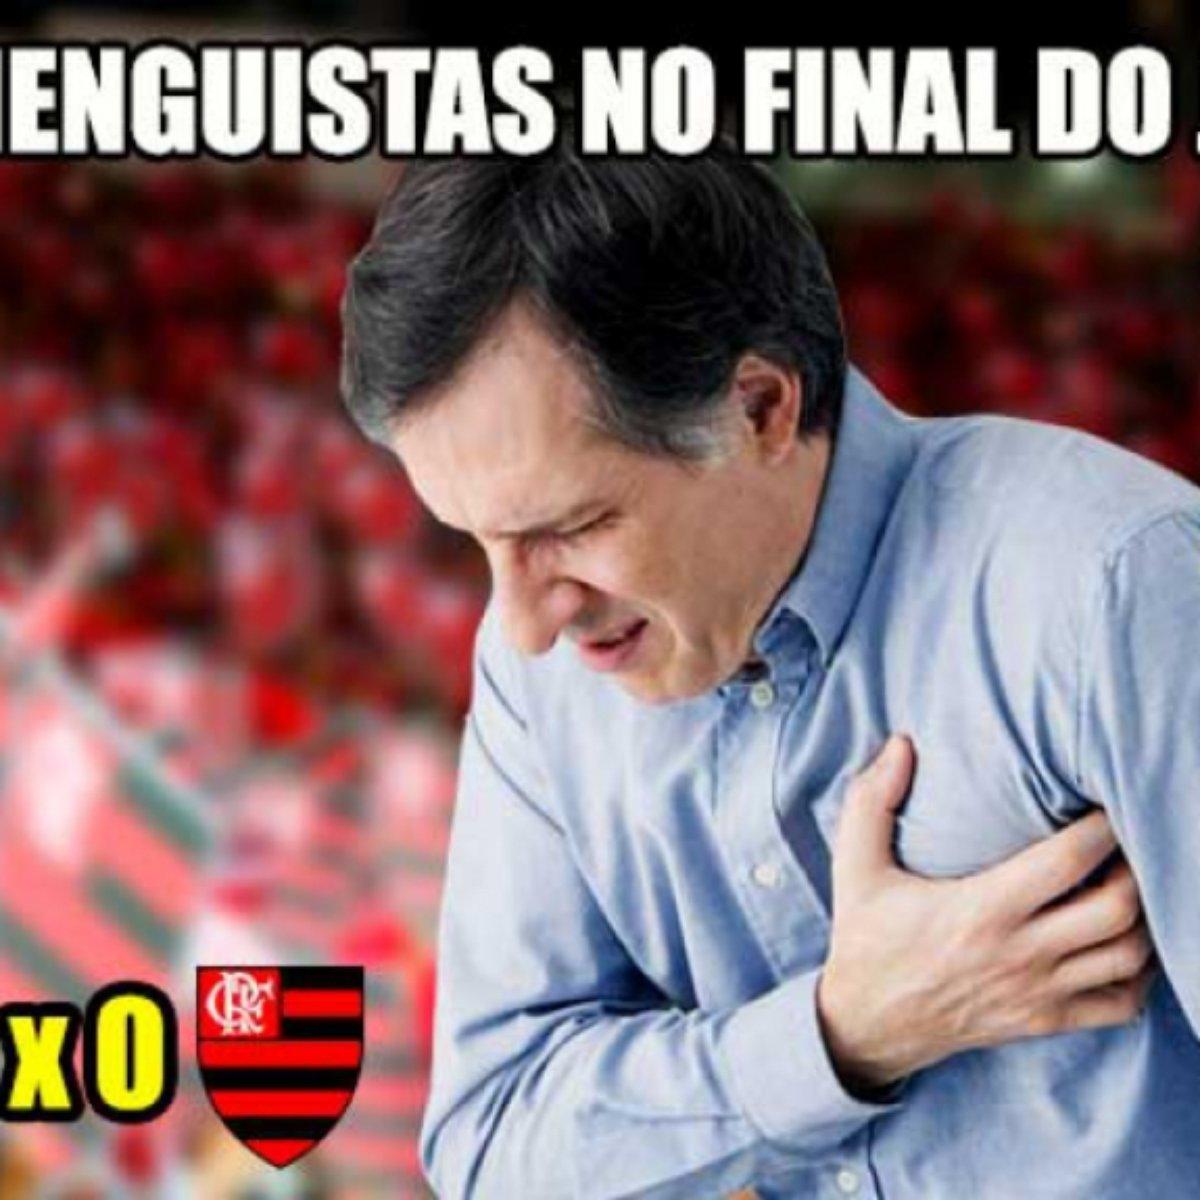 Sufoco E Comemoração Veja Os Memes Da Classificação Do Flamengo